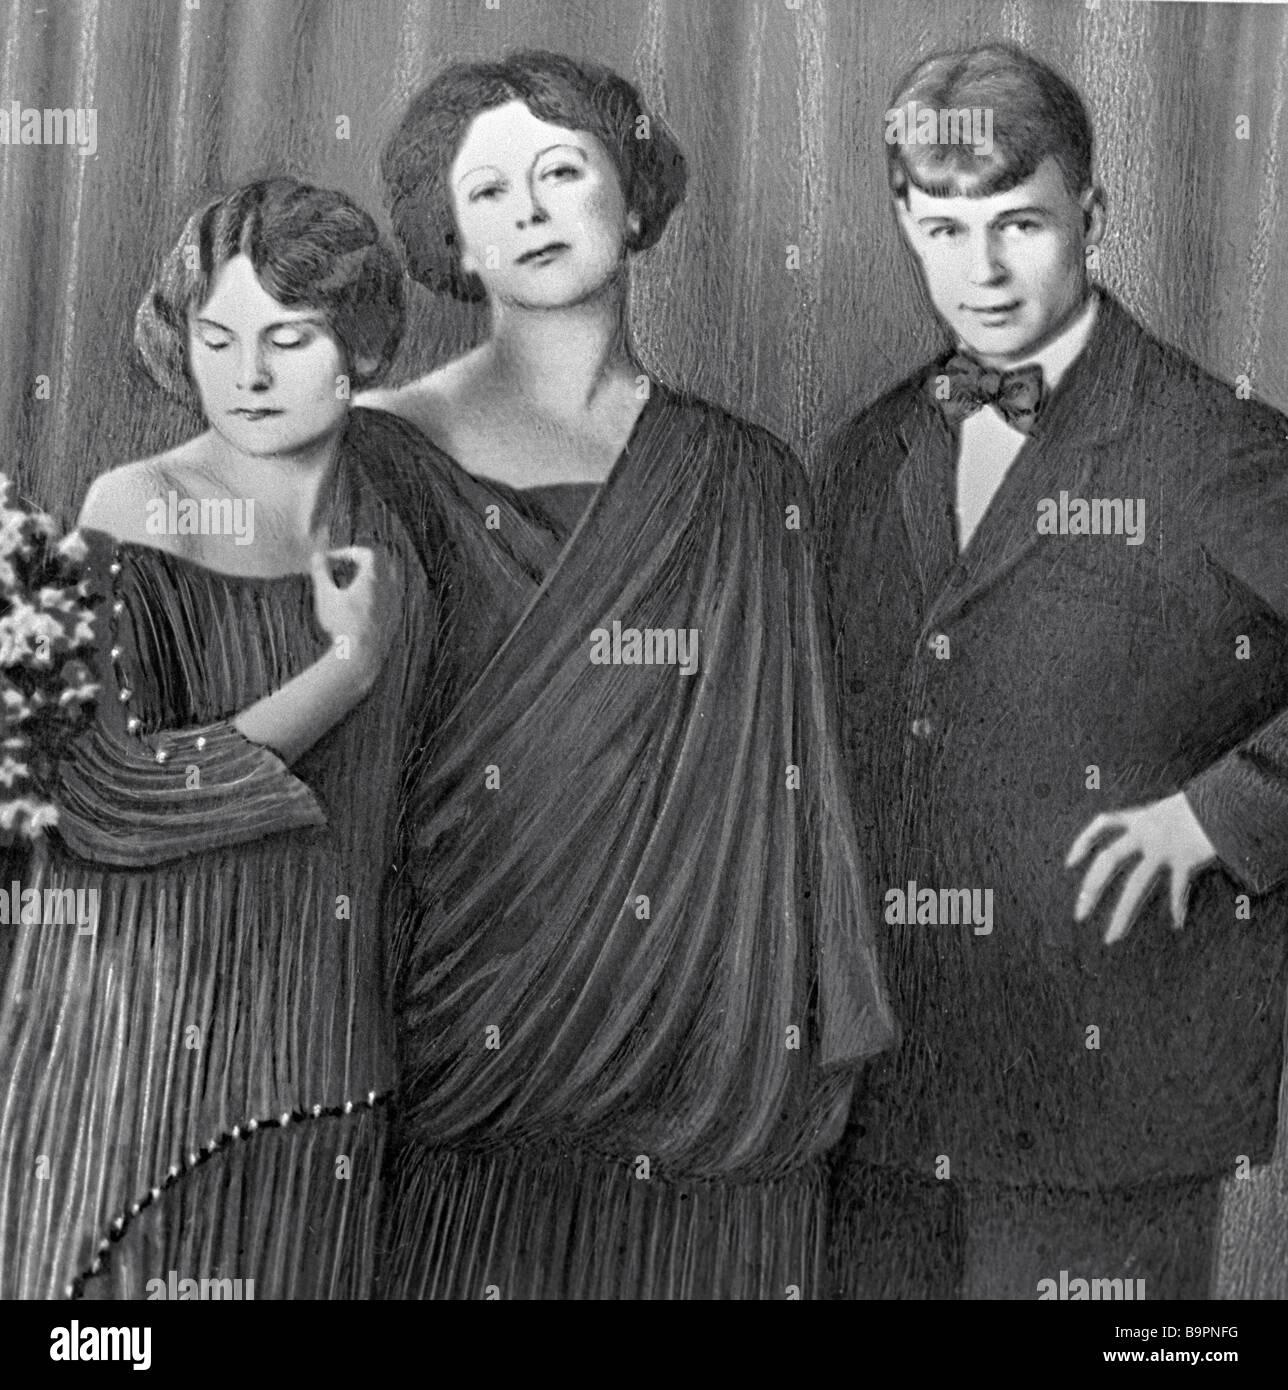 Poeta Sergei Yesenin derecha con Isadora Duncan Centre y su hija adoptada  Irma Duncan dejó Fotografía de stock - Alamy